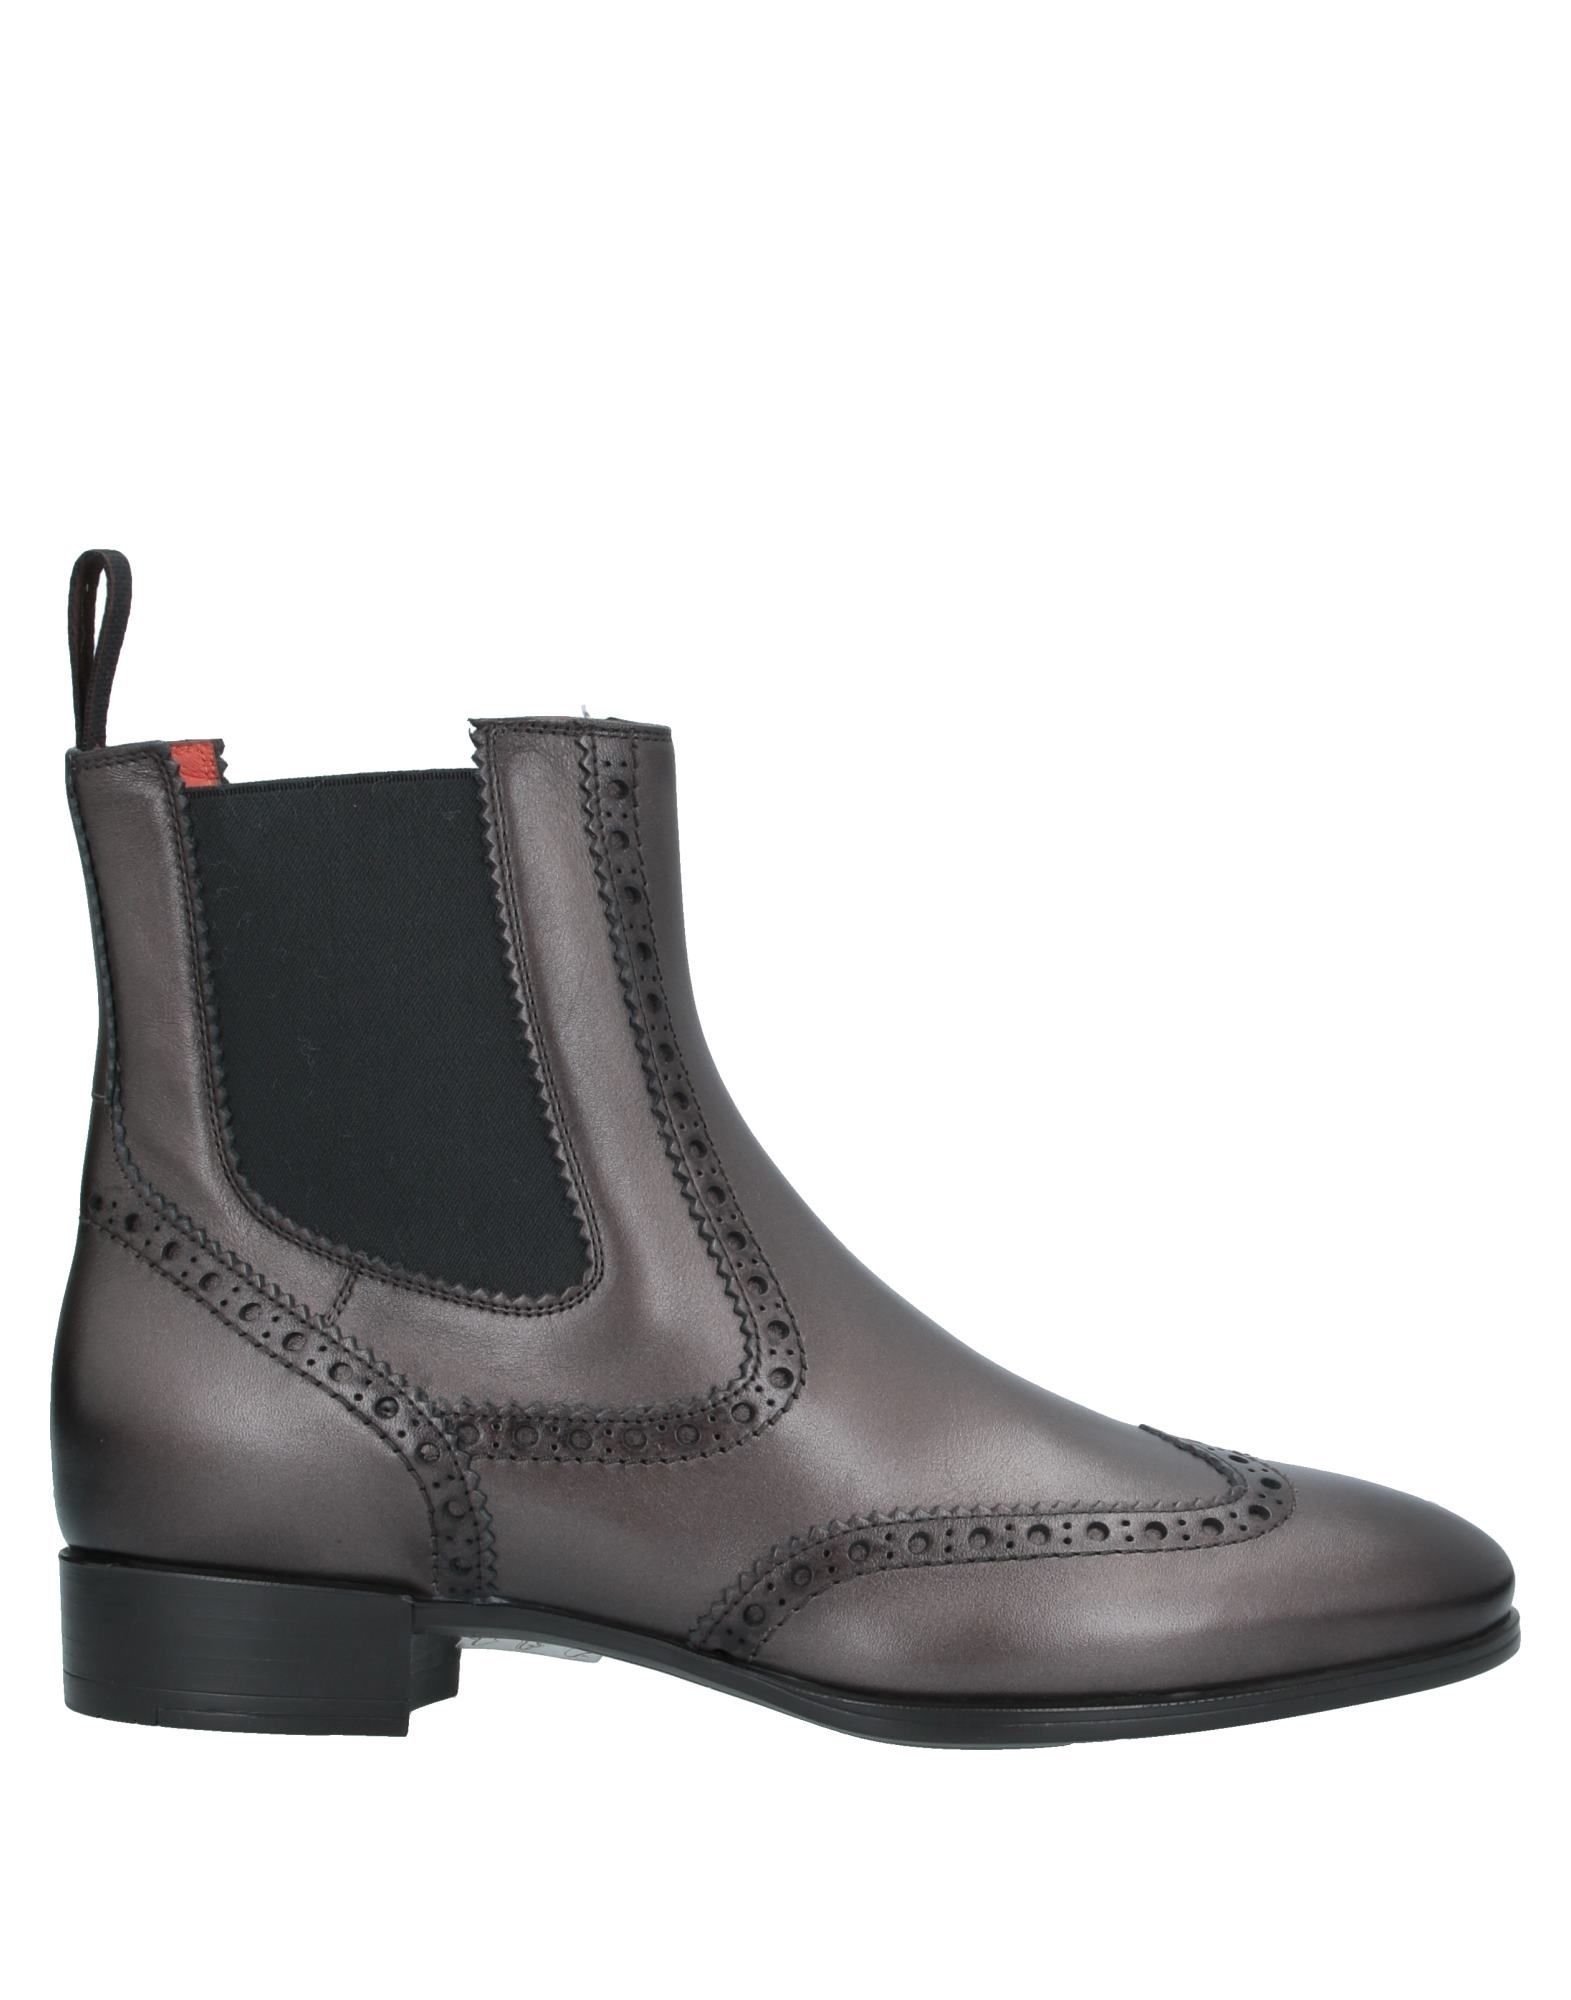 Santoni Women's Ankle Boots Lead Leather